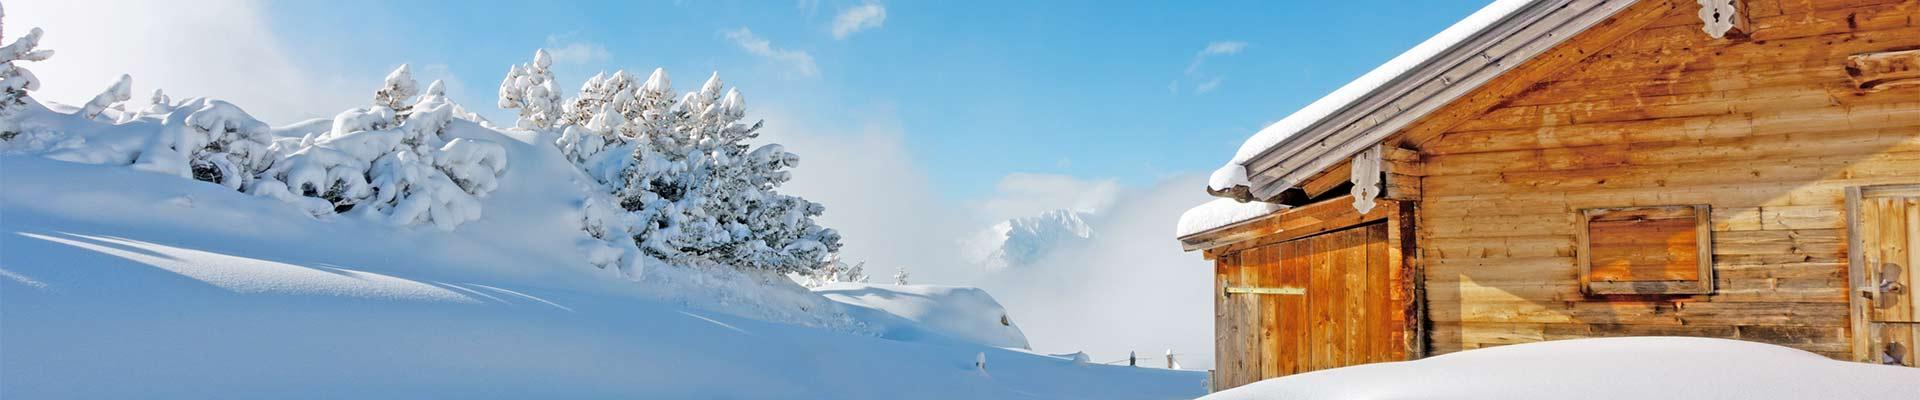 L'Italia, l'Austria e la Svissera possono contare su migliaia di località montane, ognuna con paesaggi meravigliosi, con la sua cultura e con la sua storia. Le migliori mete per trascorrere una vacanza in montagna alla ricerca dello sport e del relax, con gli amici o la famiglia.